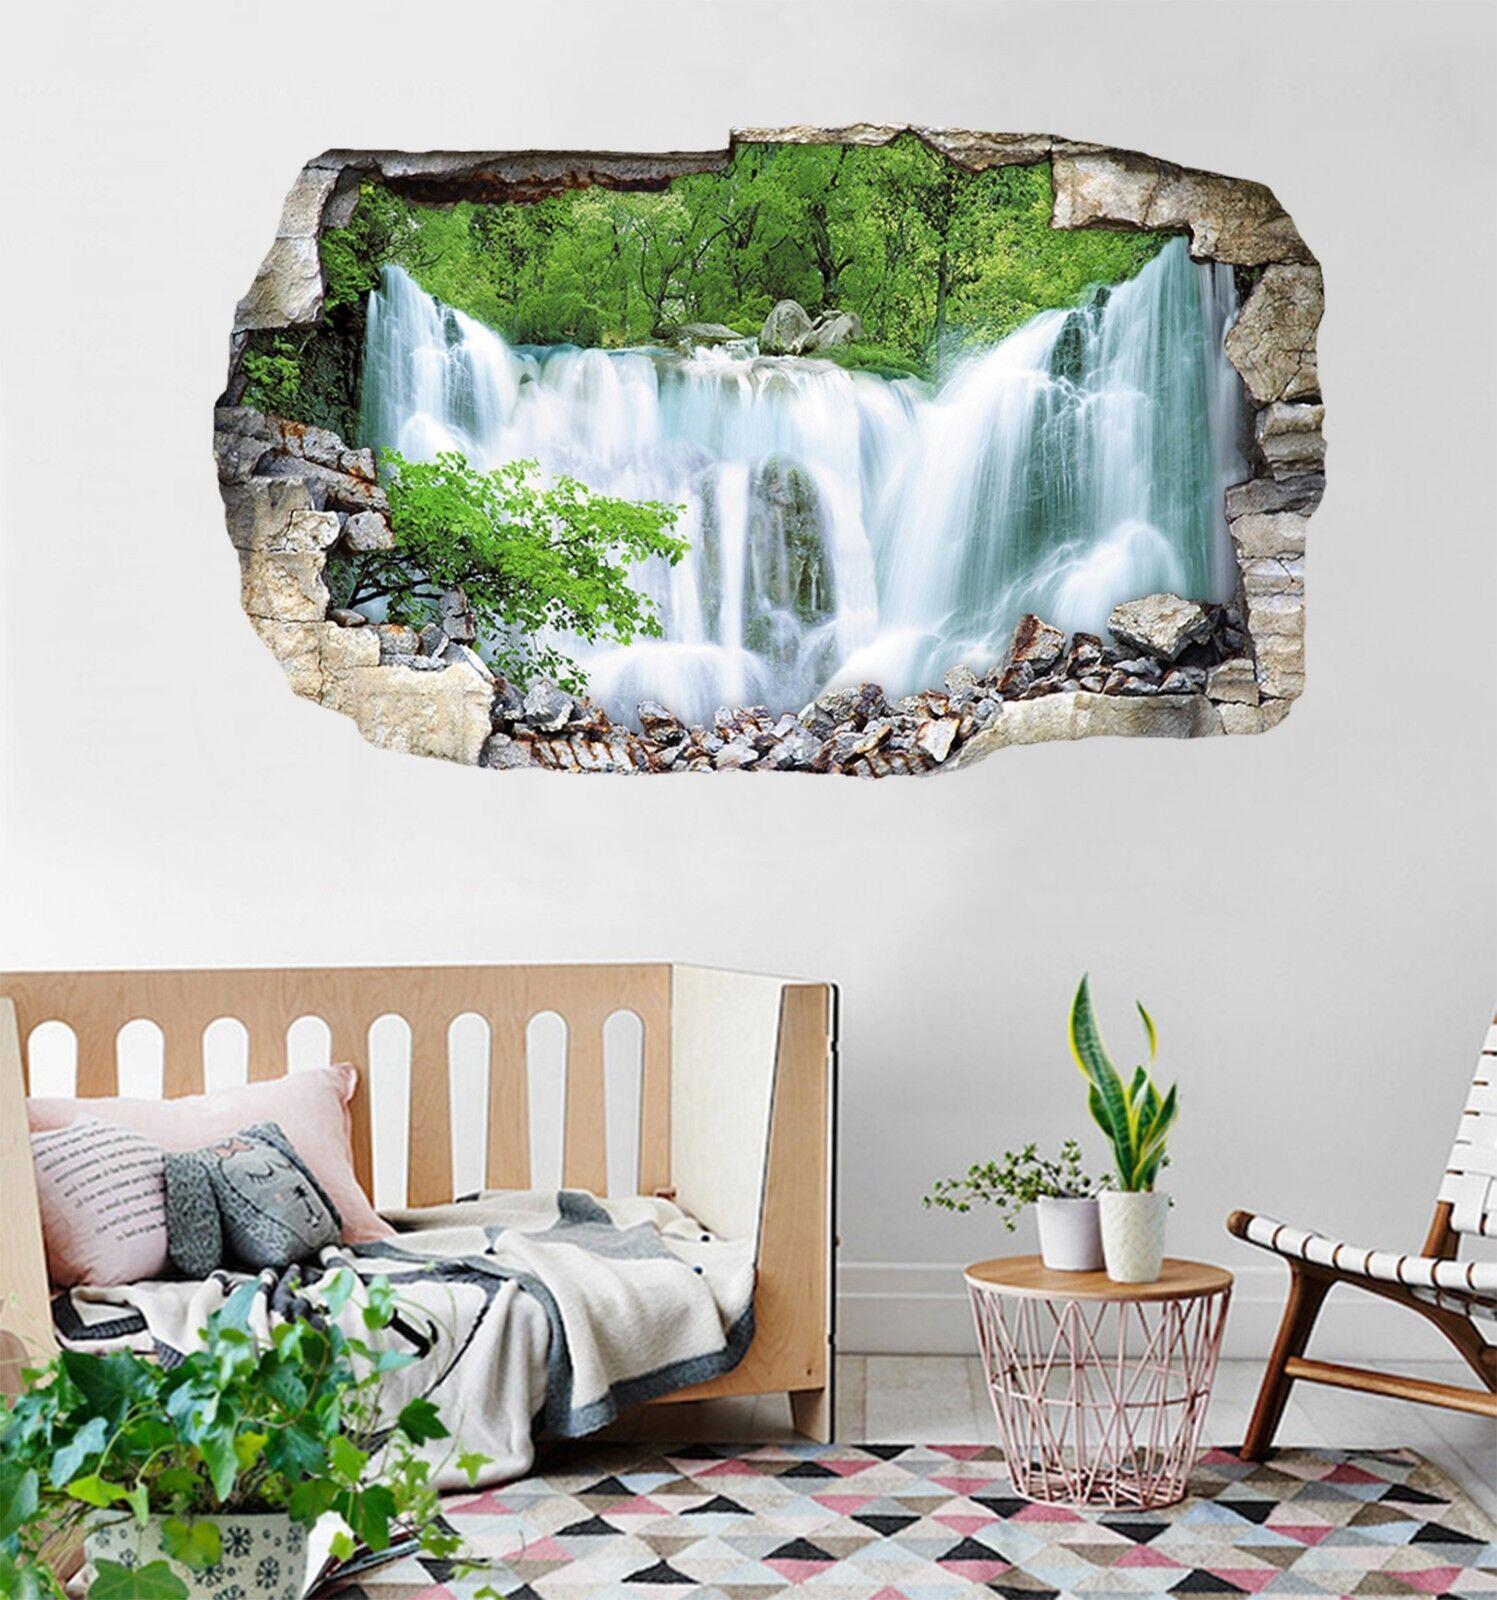 3D Wasserfall 198 Mauer Murals Mauer Aufklebe Decal Durchbruch AJ WALLPAPER DE